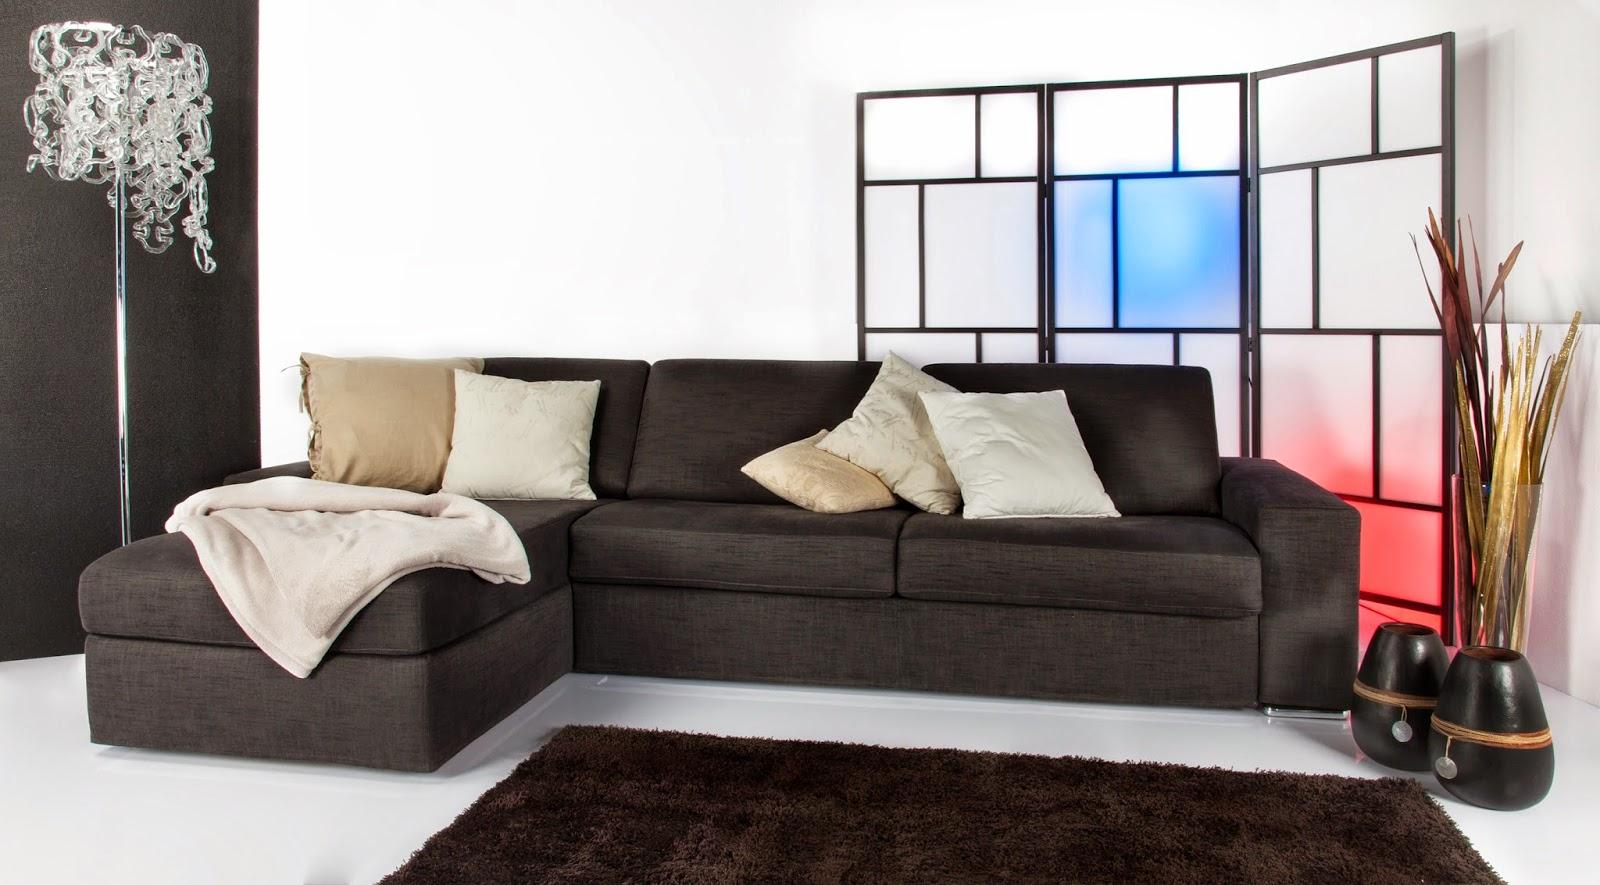 Divano Pelle Grigio Scuro ~ Idee per il design della casa